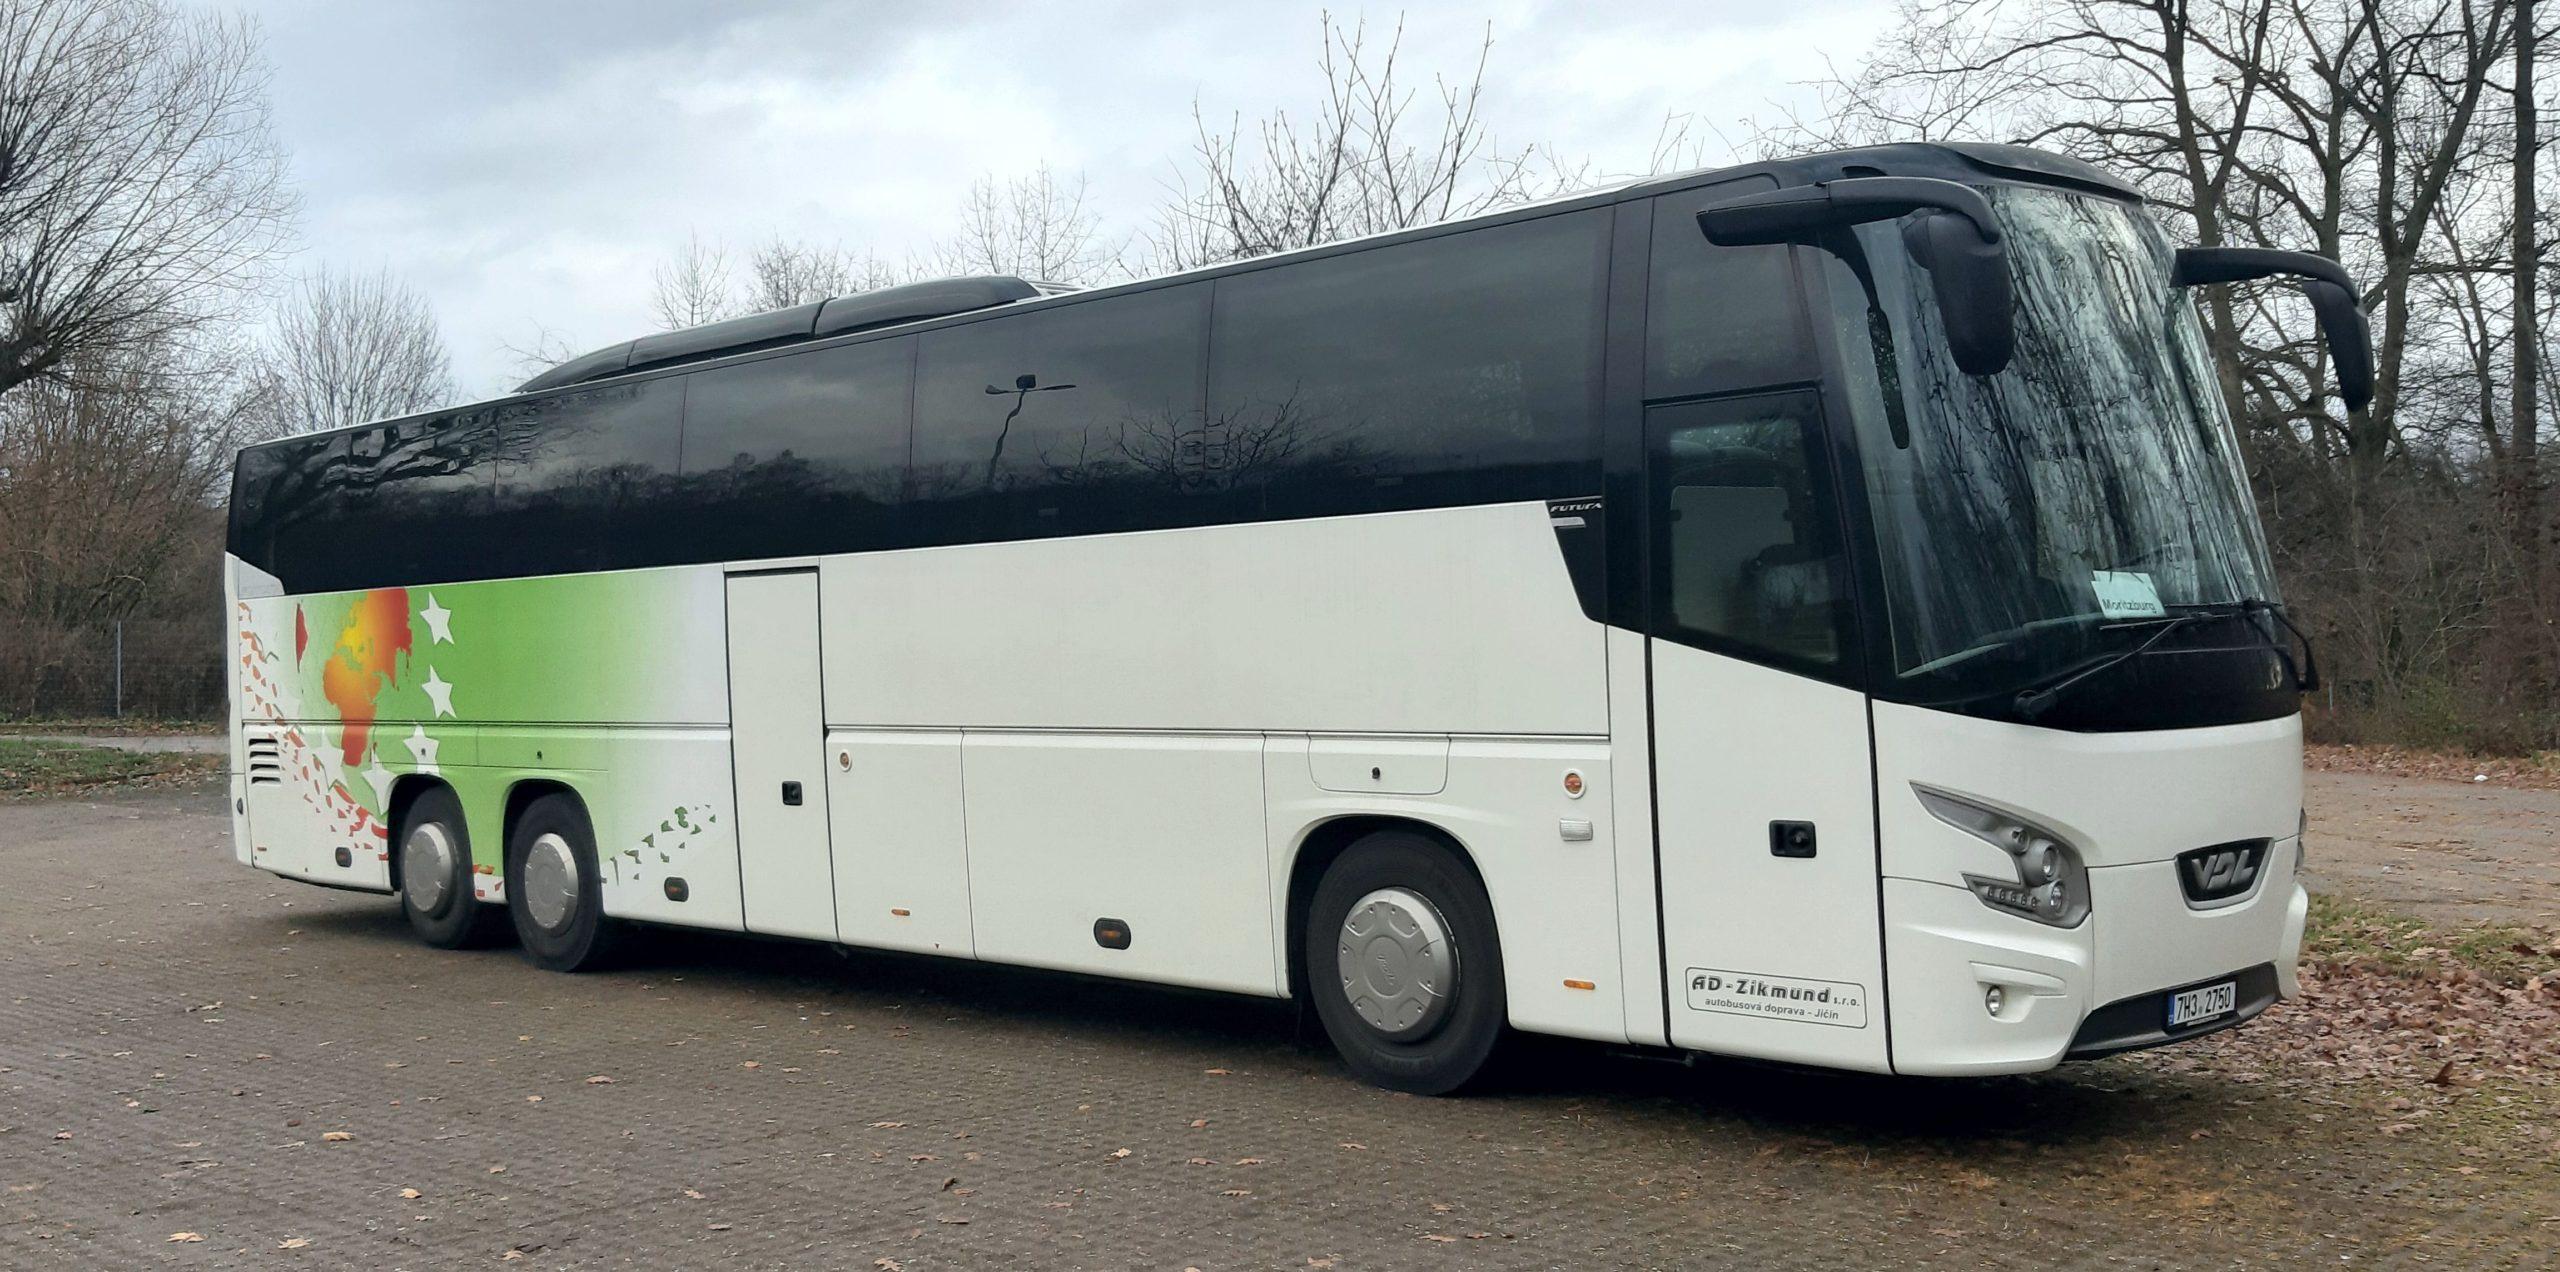 autobusova doprava velke autobusy